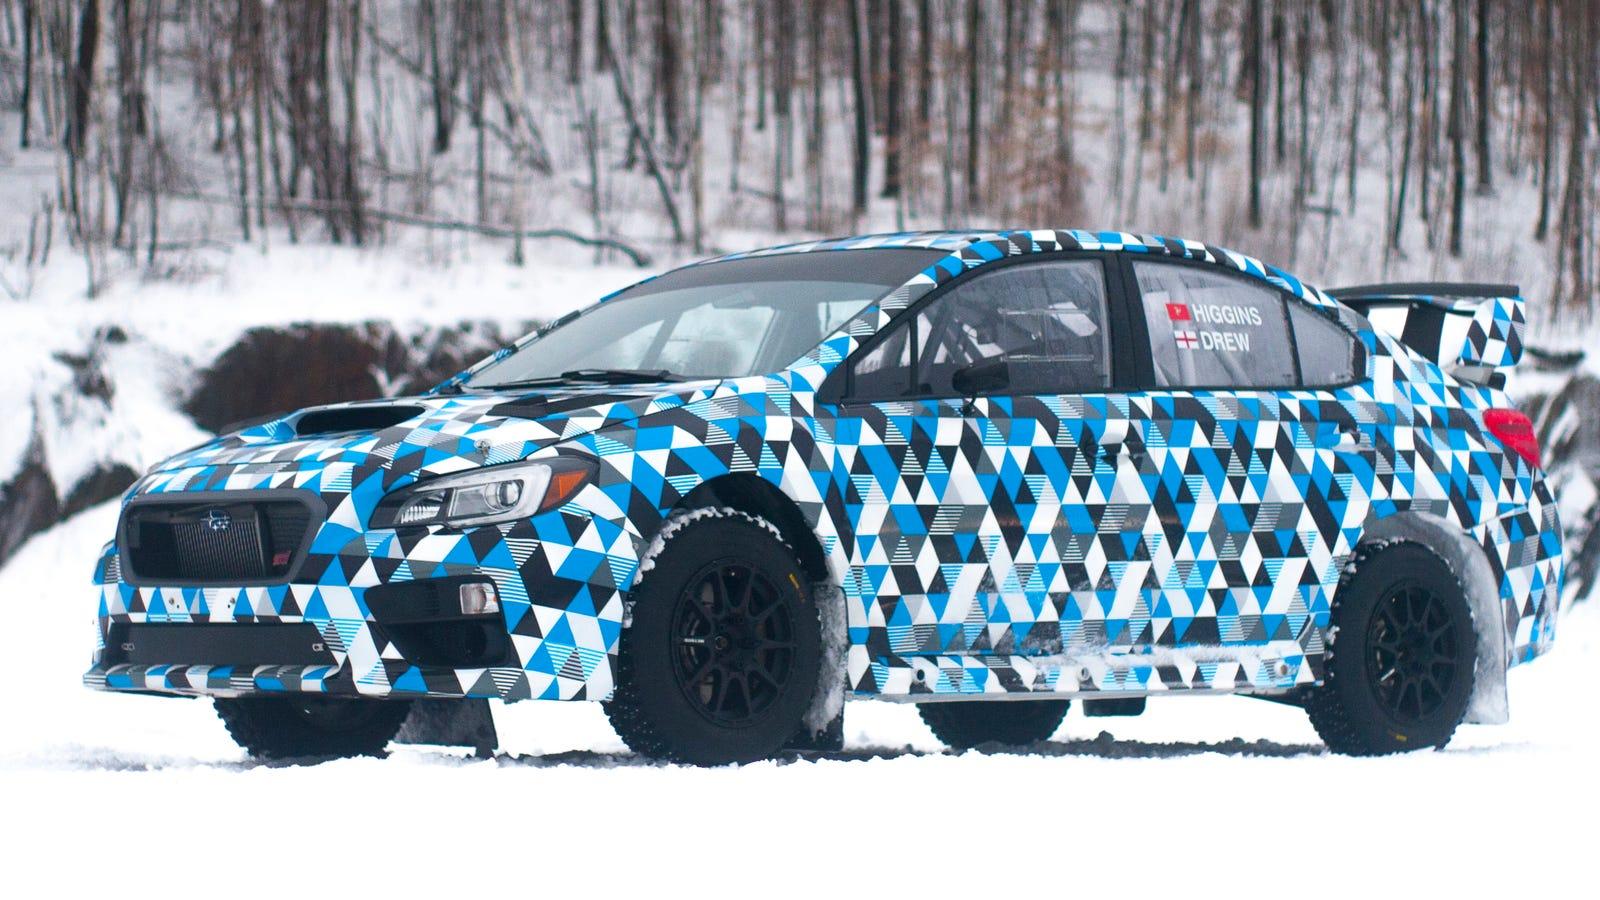 This Is The 2015 Subaru WRX STI Rally Car